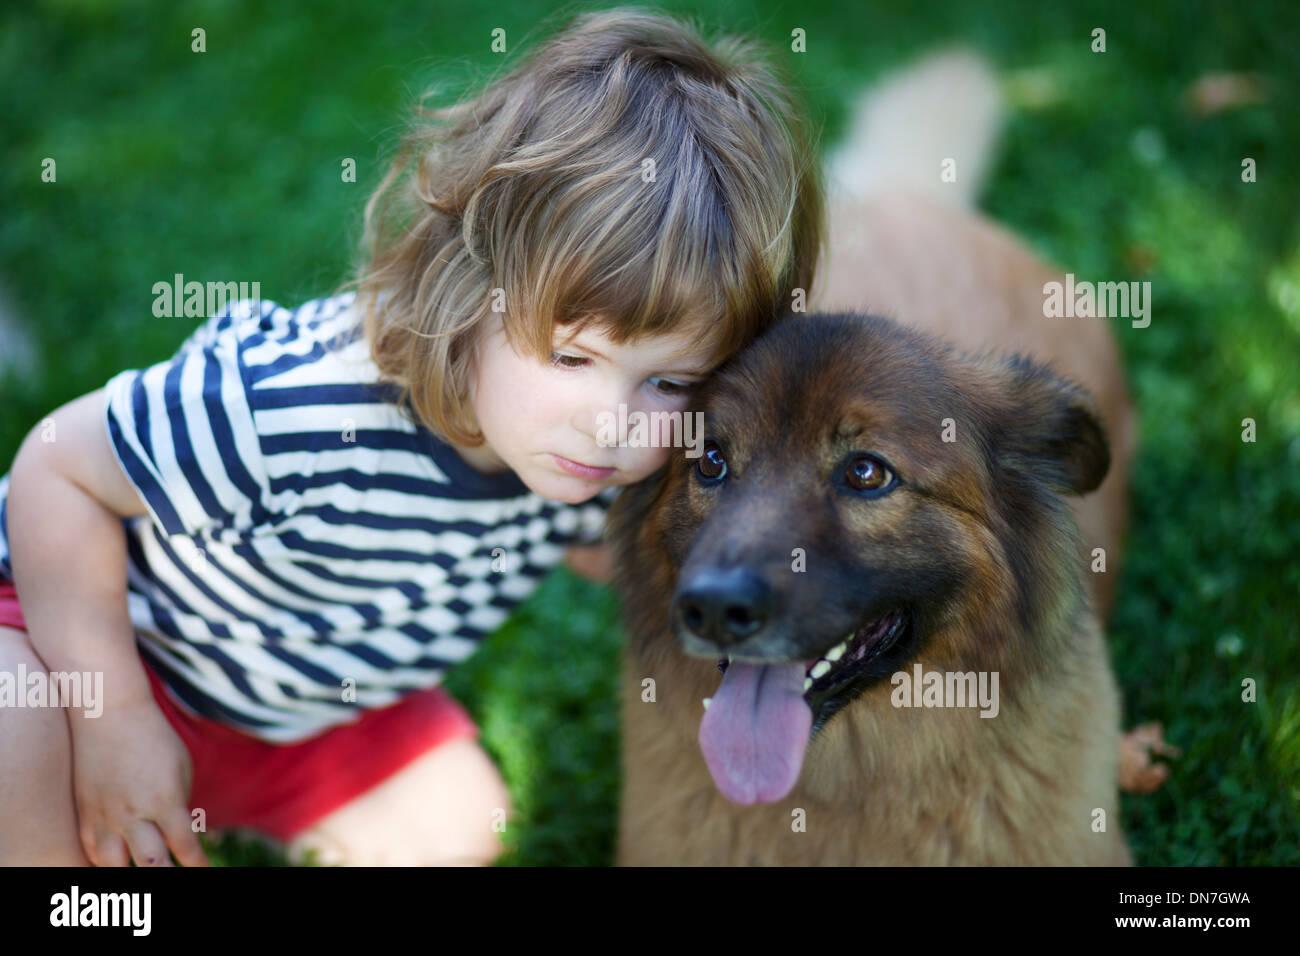 Kleiner Junge kuschelt mit Hund Stockbild